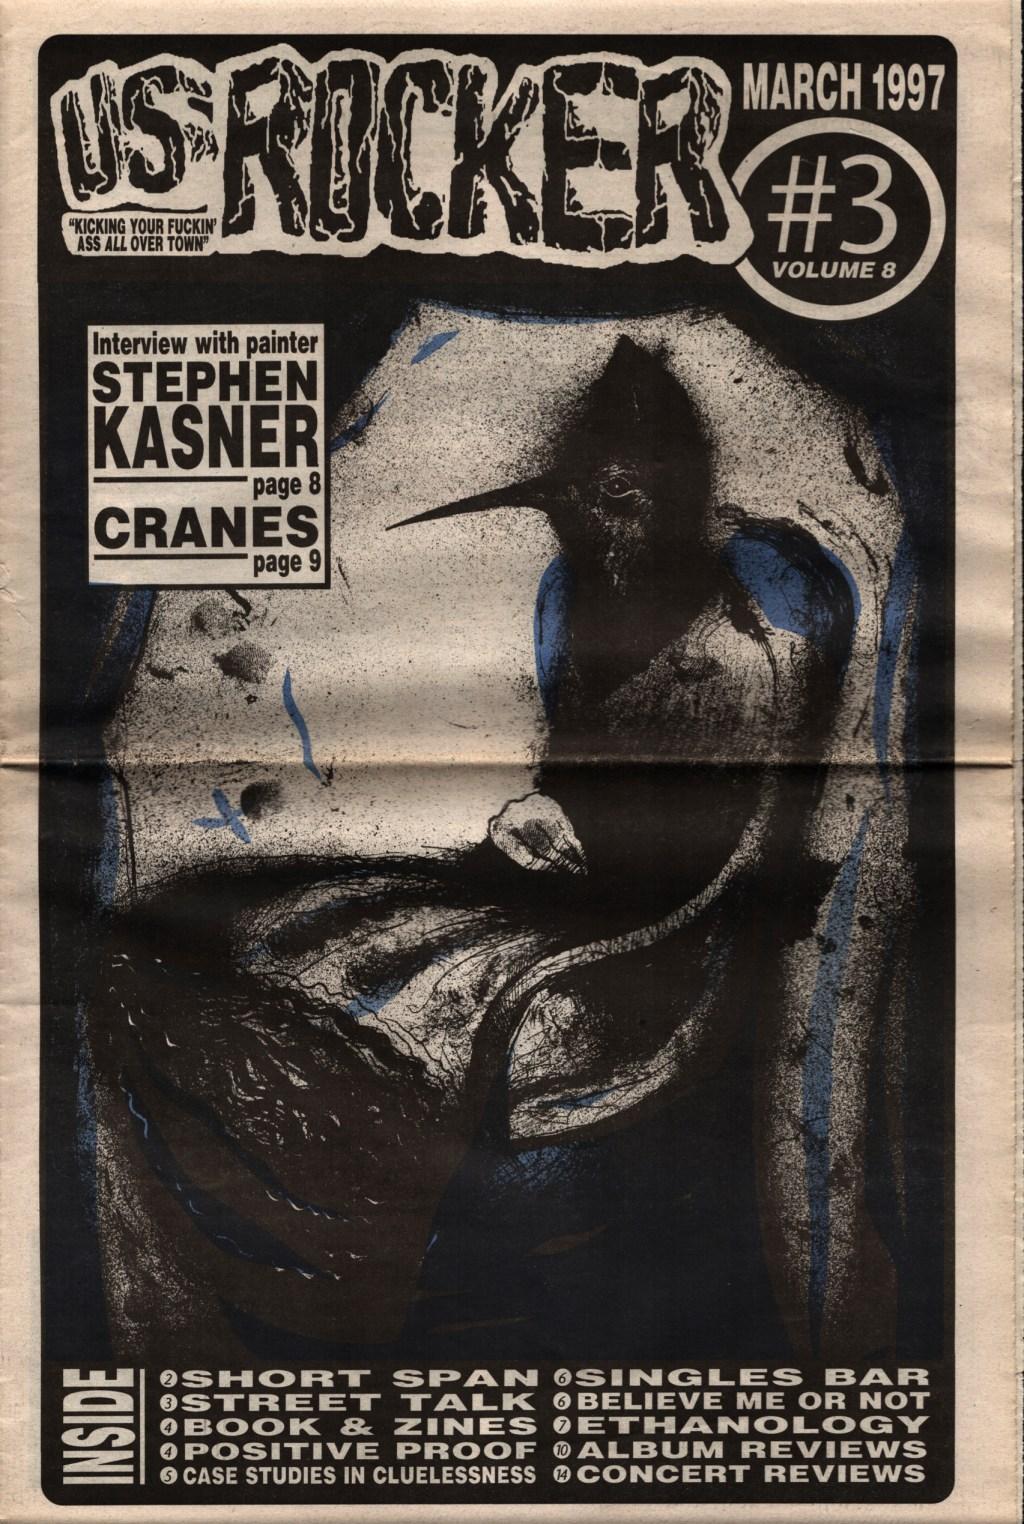 U.S. Rocker, March 1997